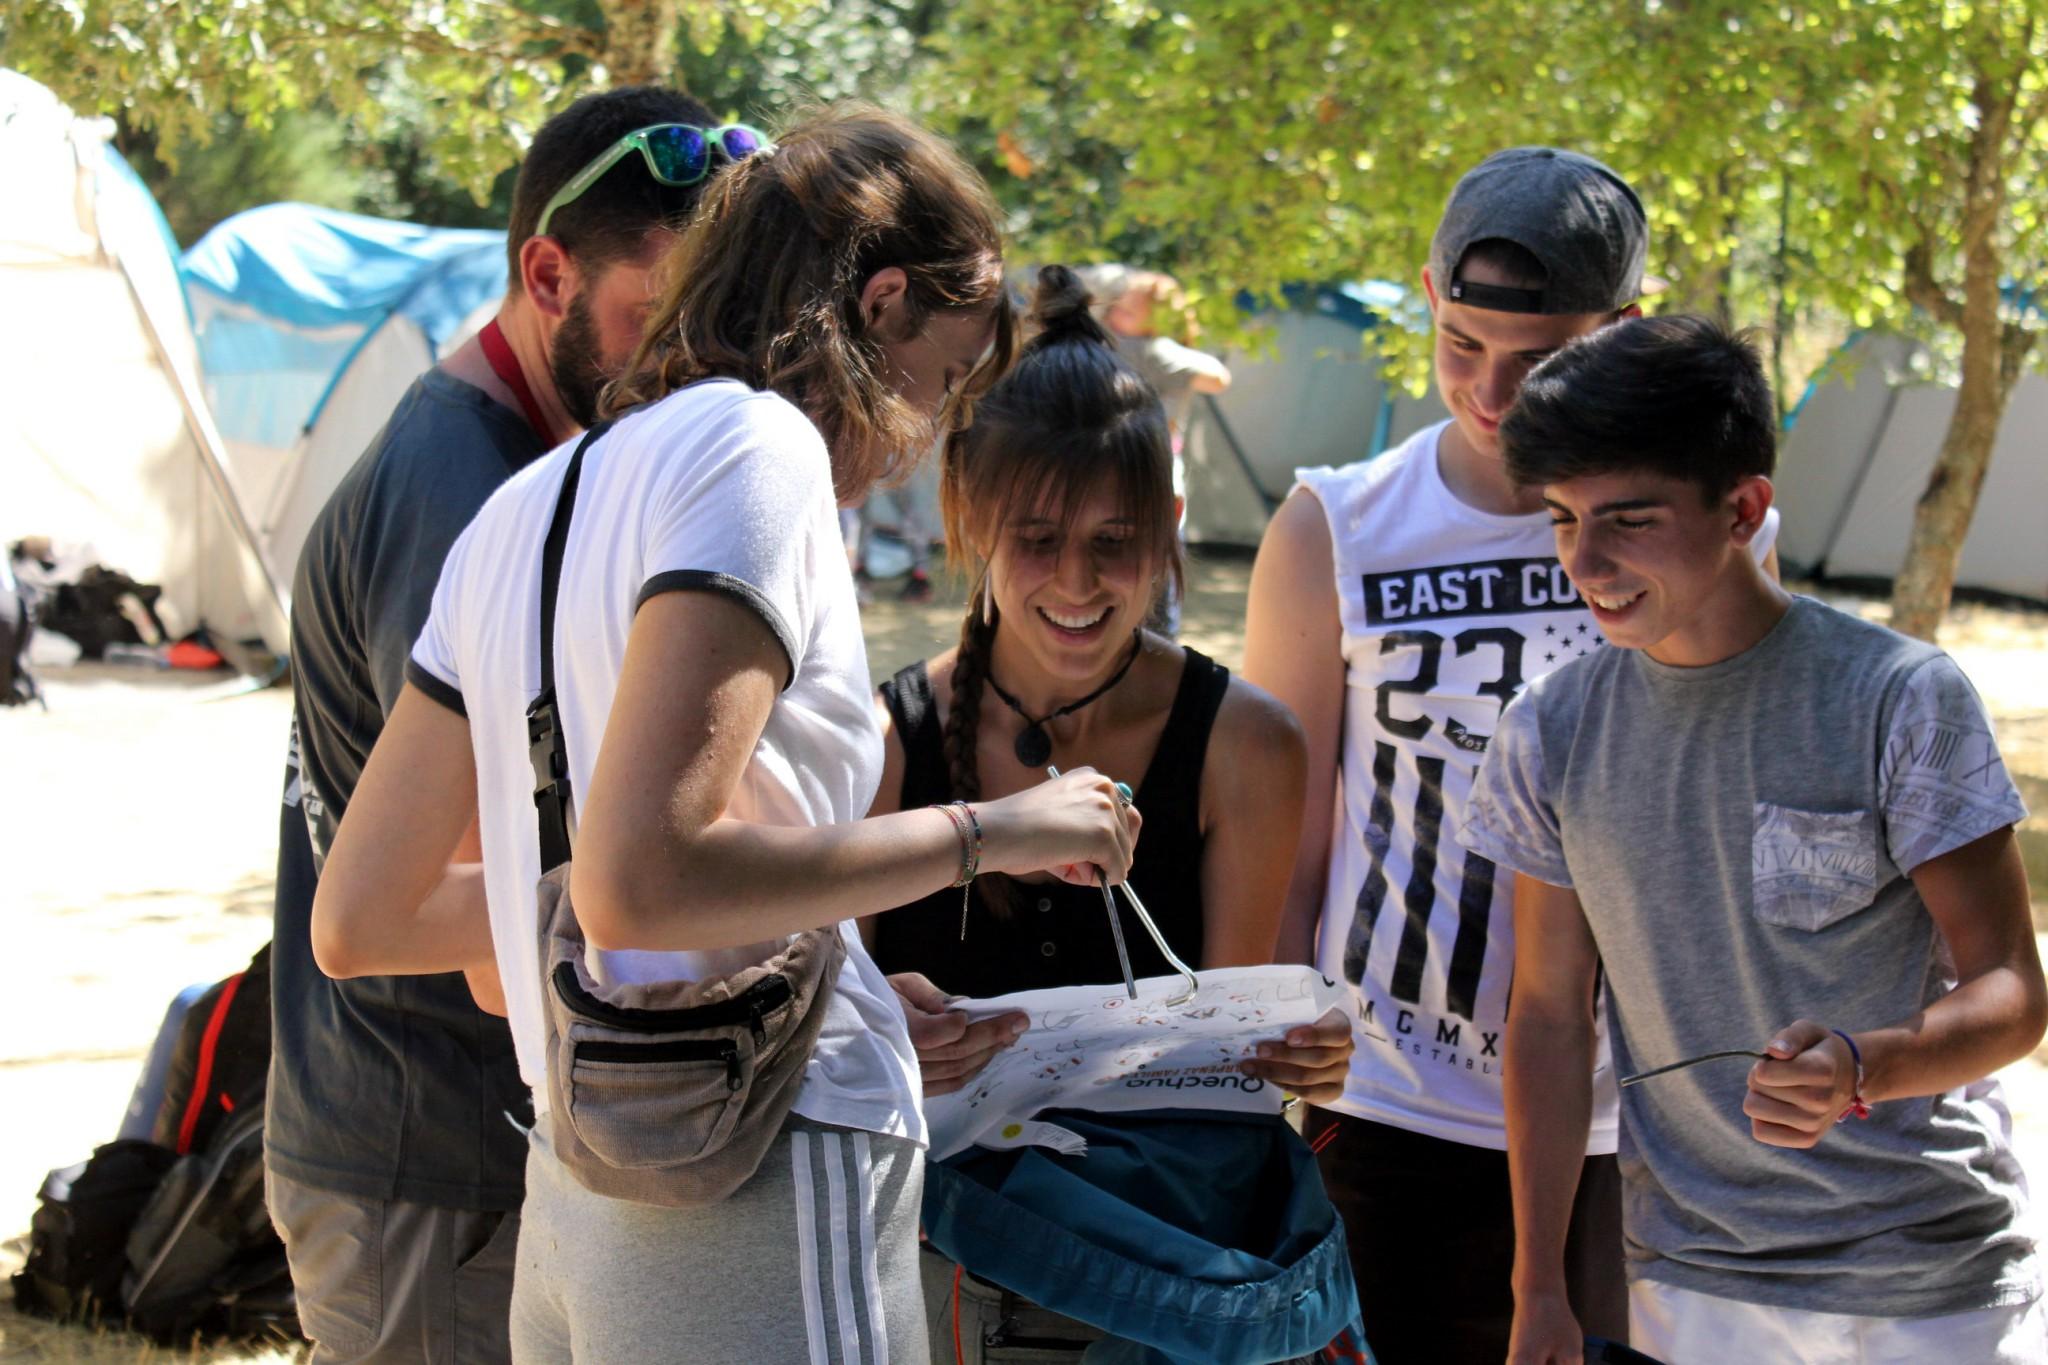 Curso monitor de tiempo libre de verano intensivo con campamento actividades en equipo